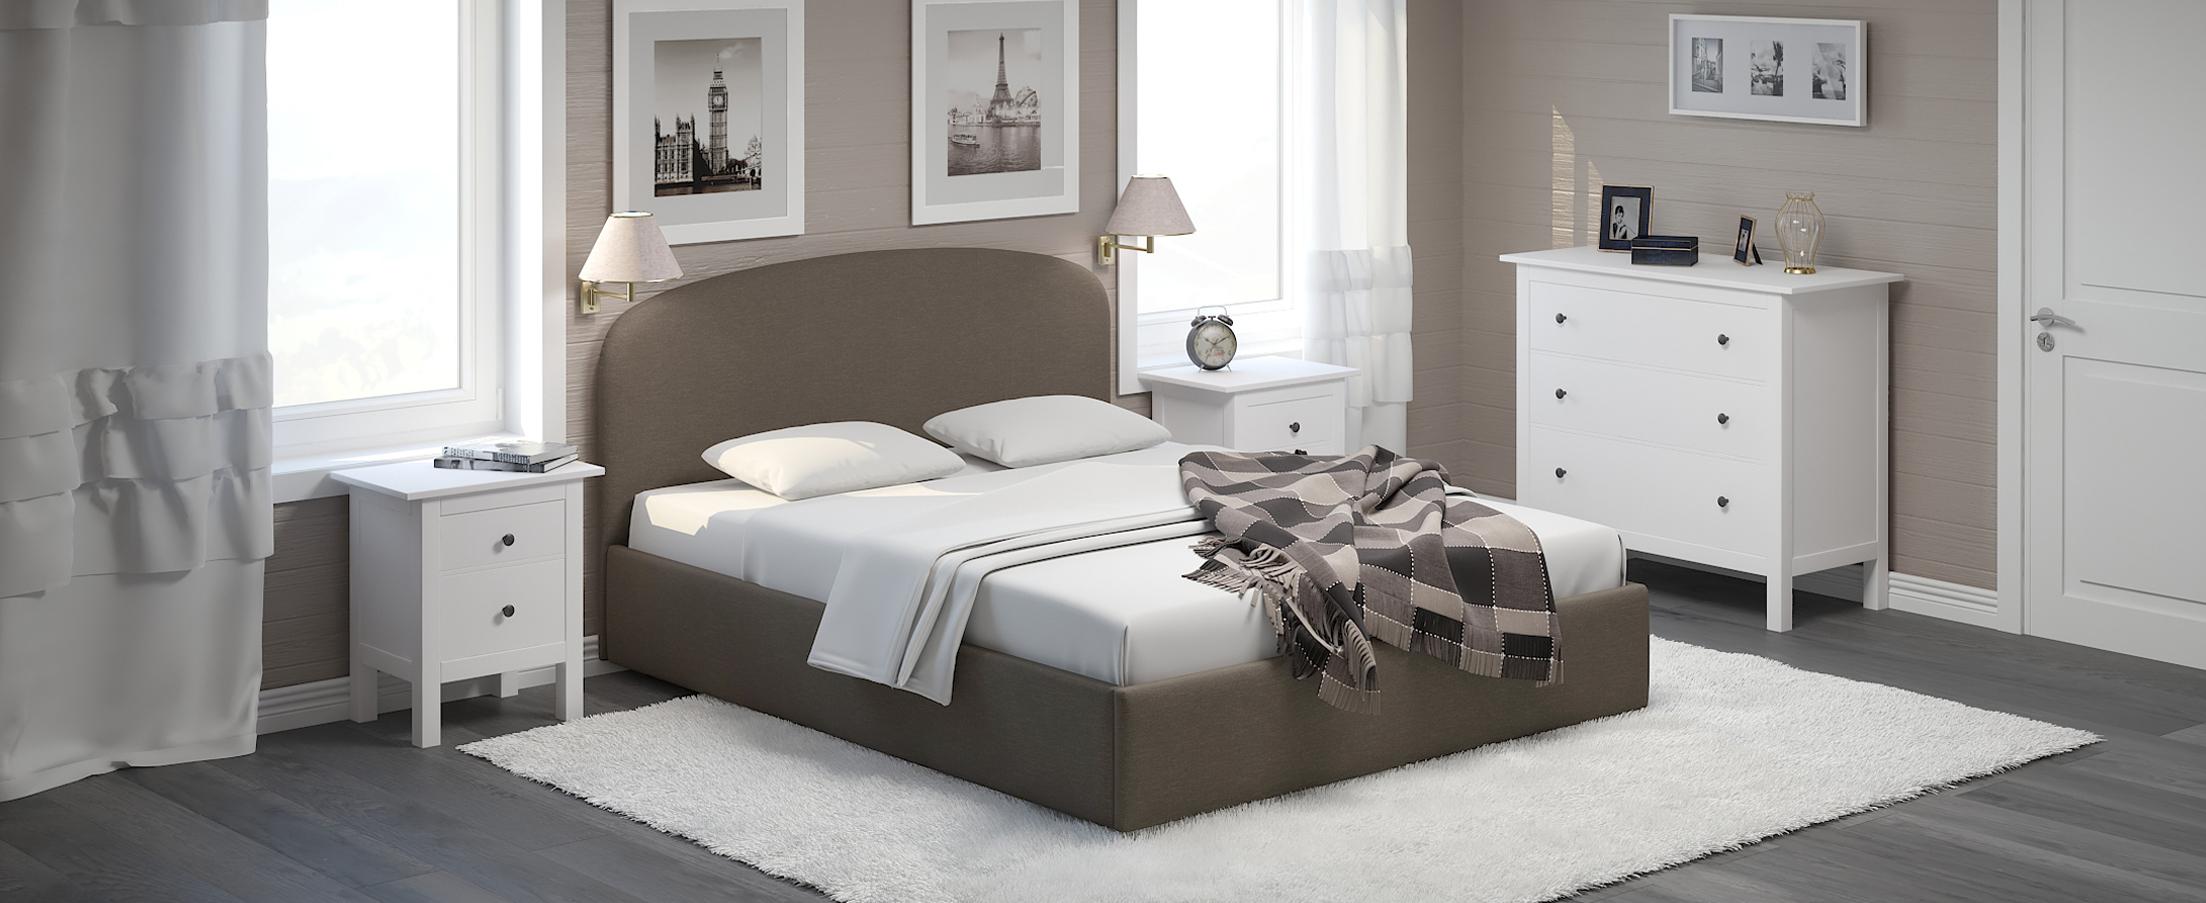 Кровать двуспальная Лия 160х200 Модель 1205Кровать Лия – воплощение мягкости, простора и удобства. Воздушность формы, изящно изогнутая спинка и оригинальный кант на изголовье подчеркнут стиль вашей комнаты.<br><br>Ширина спального места см: 160<br>Длина спального места см: 200<br>Ширина см: 168<br>Глубина см: 210<br>Высота см: 105<br>Встроенное основание: Есть<br>Материал каркаса: ЛДСП<br>Материал обивки: Шенилл<br>Подъемный механизм: Нет<br>Цвет: Коричневый<br>Код ткани: 65-52<br>Бренд: MOON-TRADE